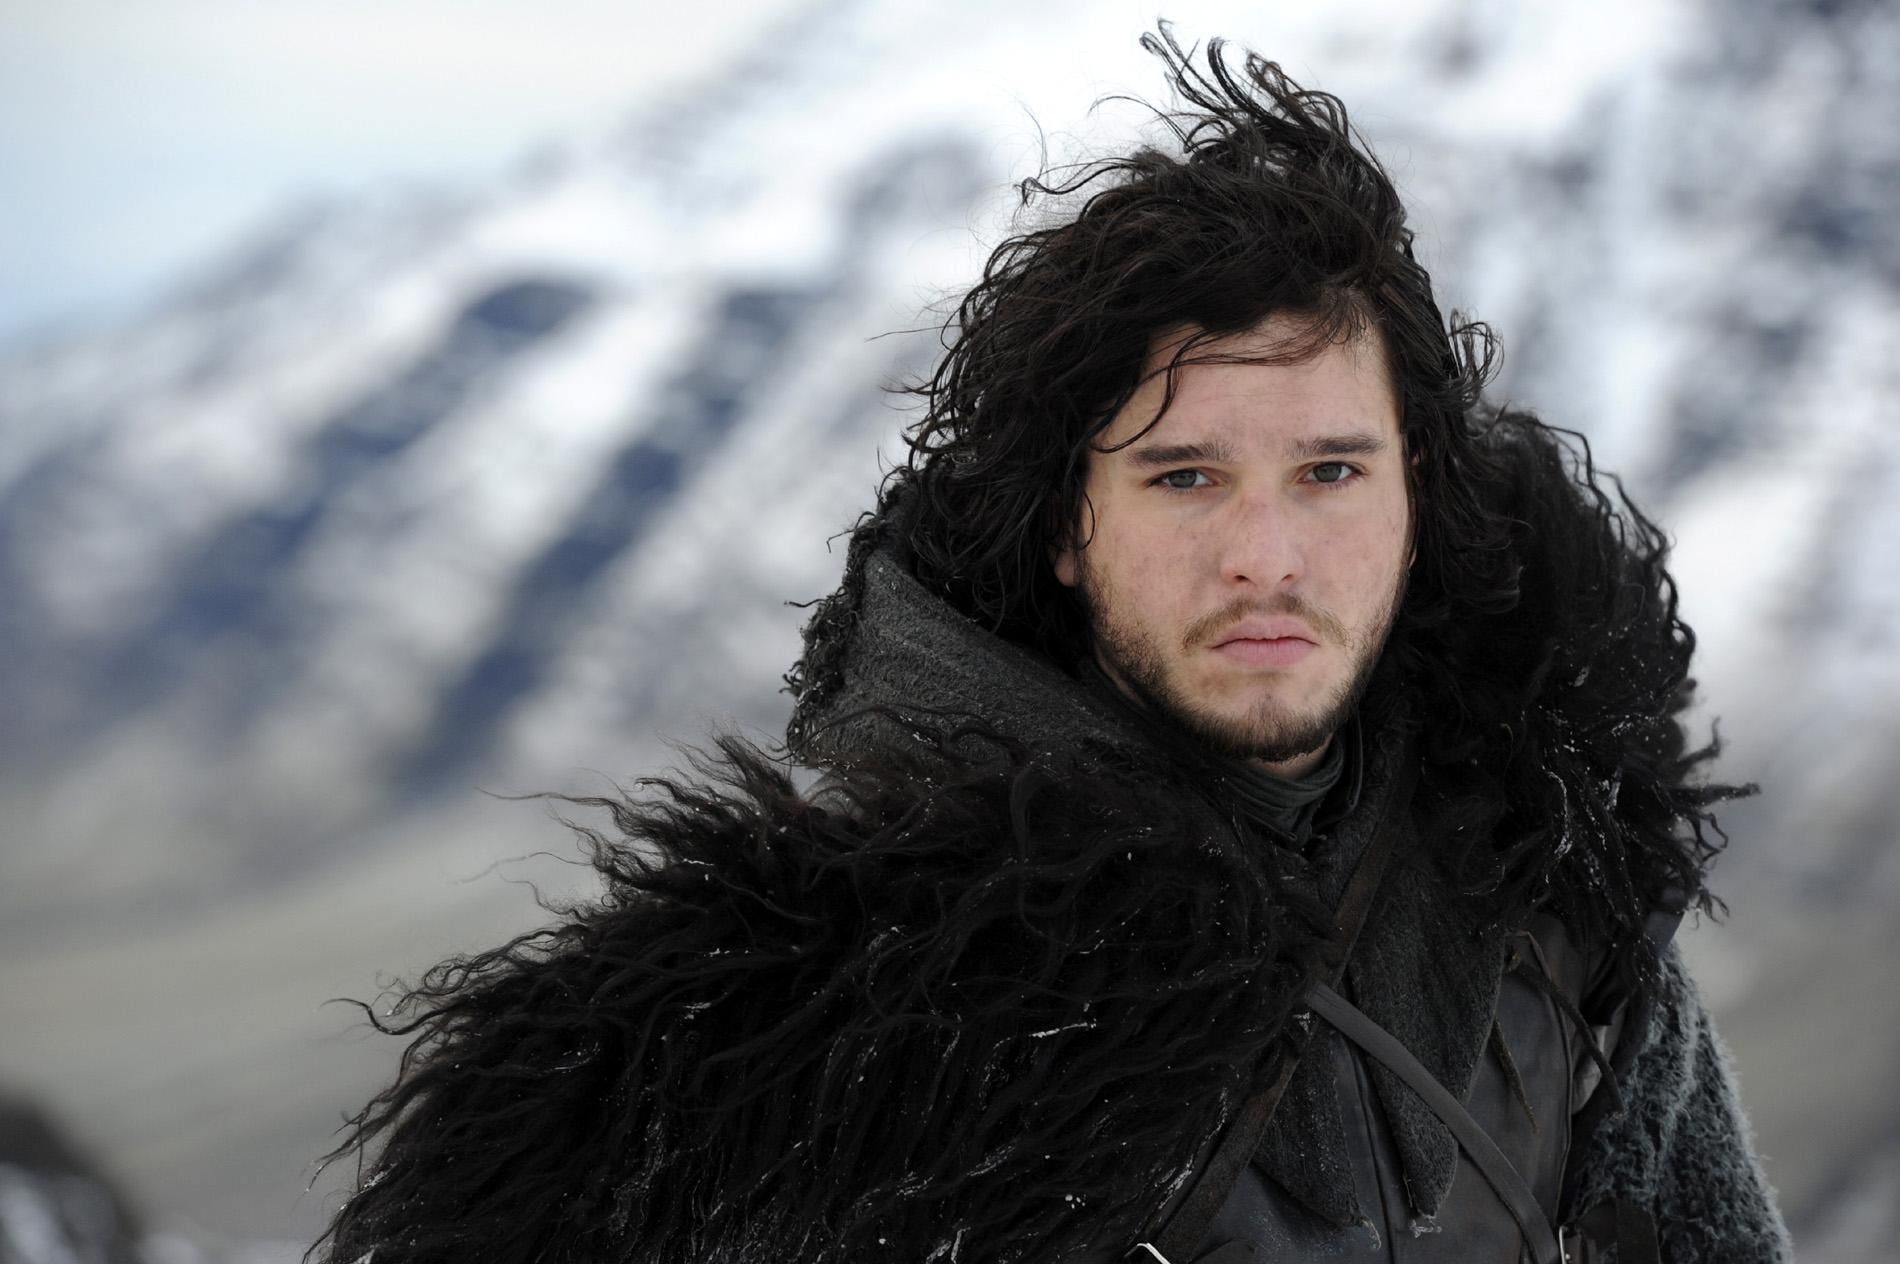 La tercera temporada de Game of Thrones bate todos los récords en BitTorrent